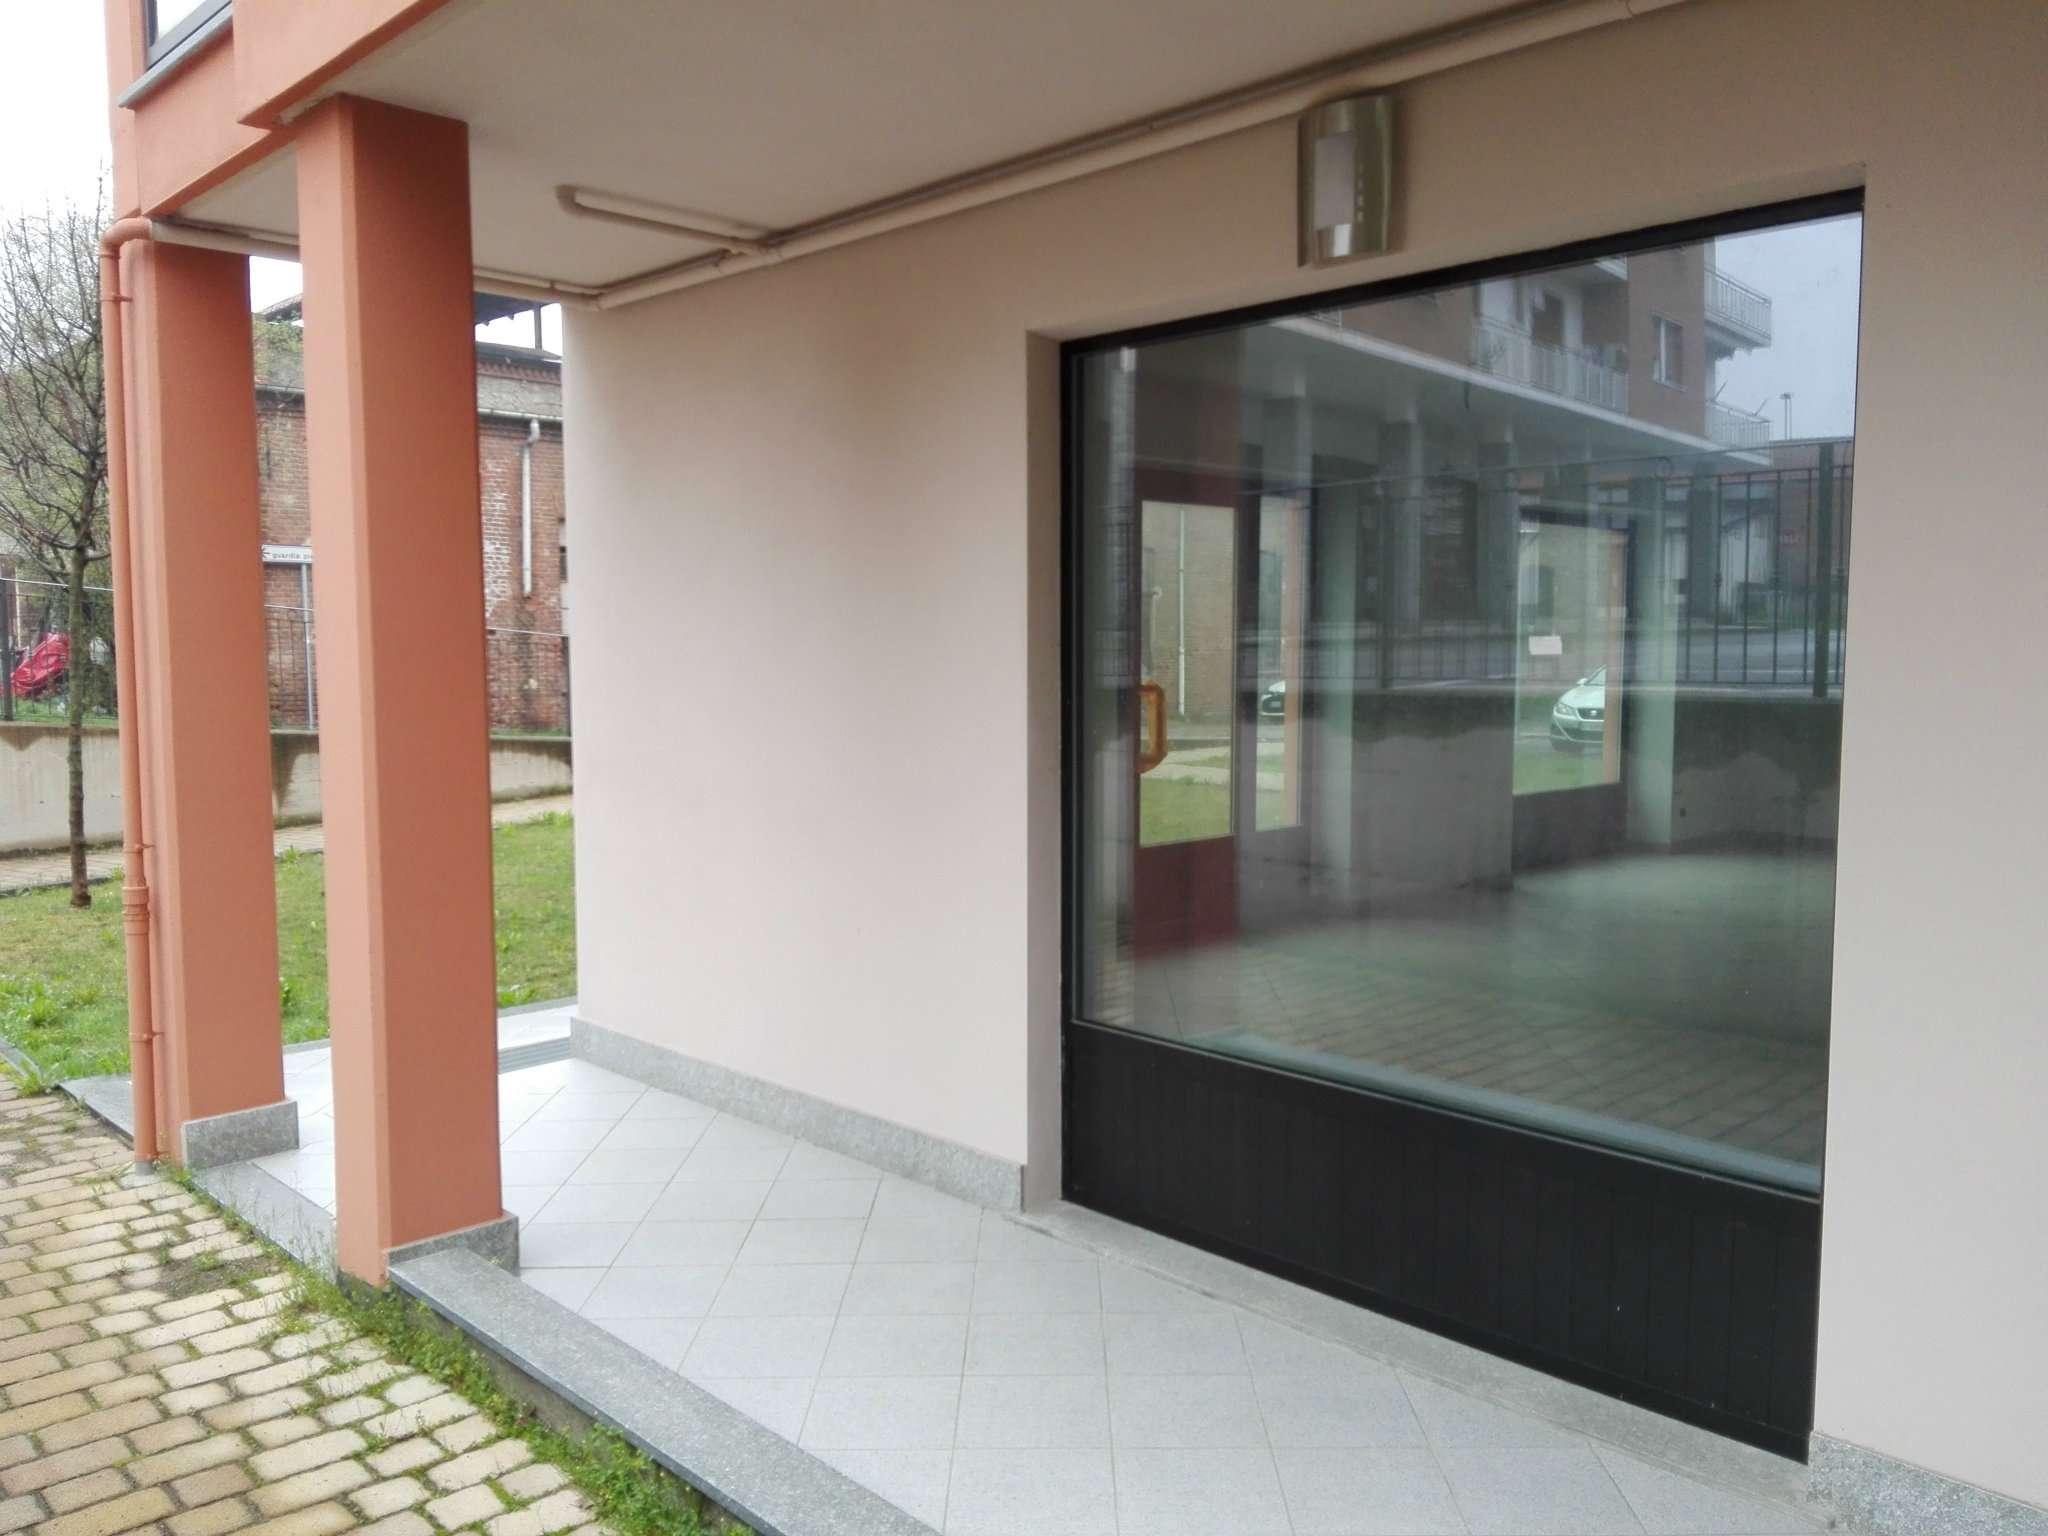 Negozio / Locale in affitto a Torre Pellice, 1 locali, prezzo € 800 | Cambio Casa.it